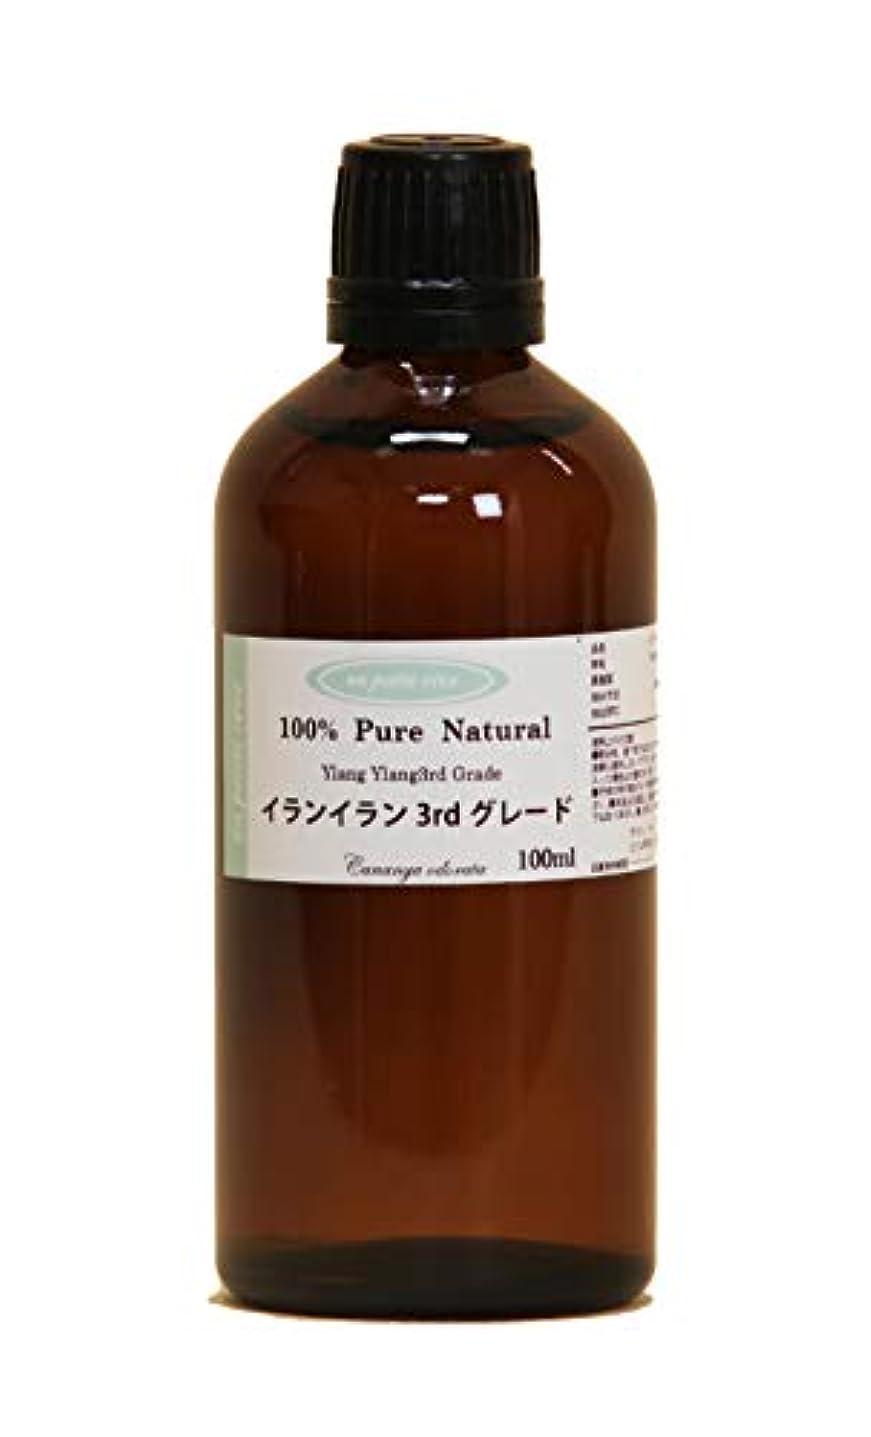 習熟度パック消防士イランイラン3rdグレード 100ml 100%天然アロマエッセンシャルオイル(精油)